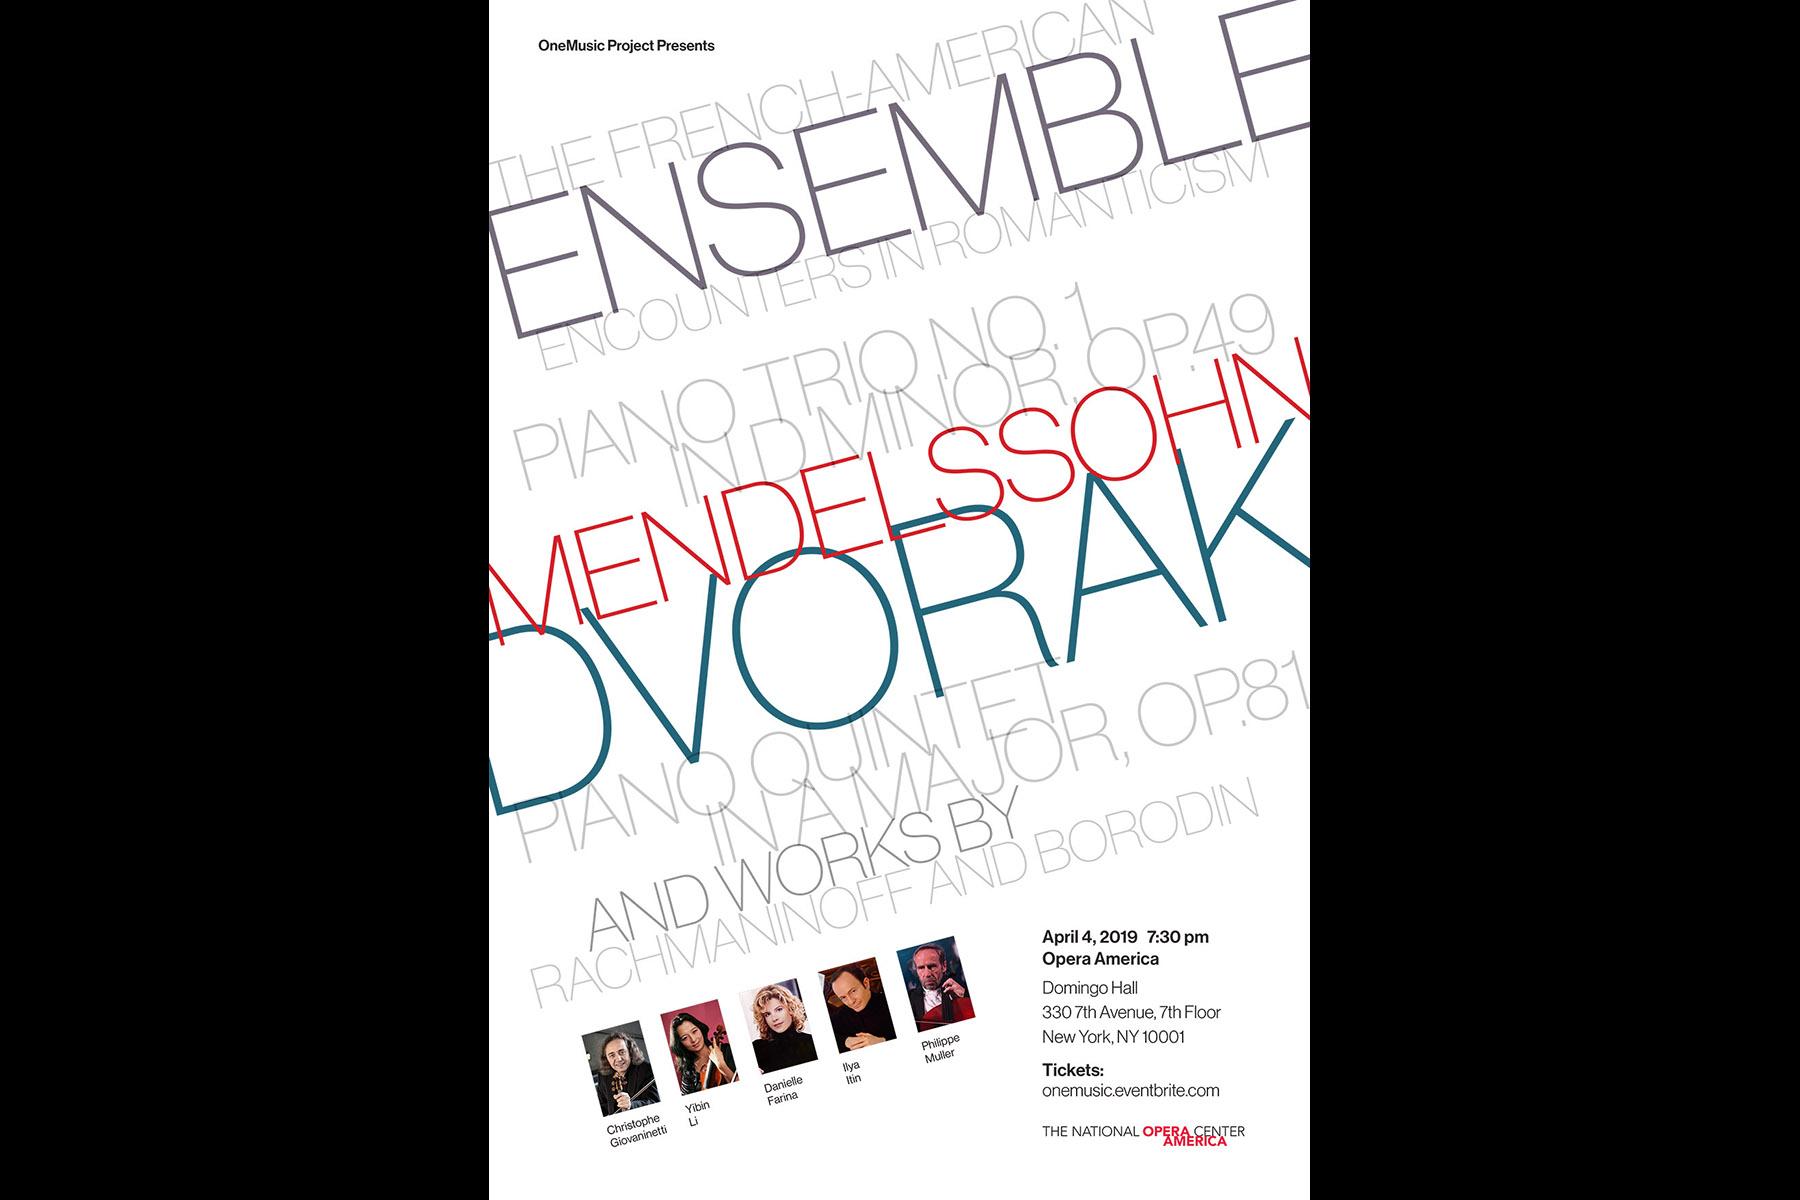 OneMusic_Apr4_Poster.jpg